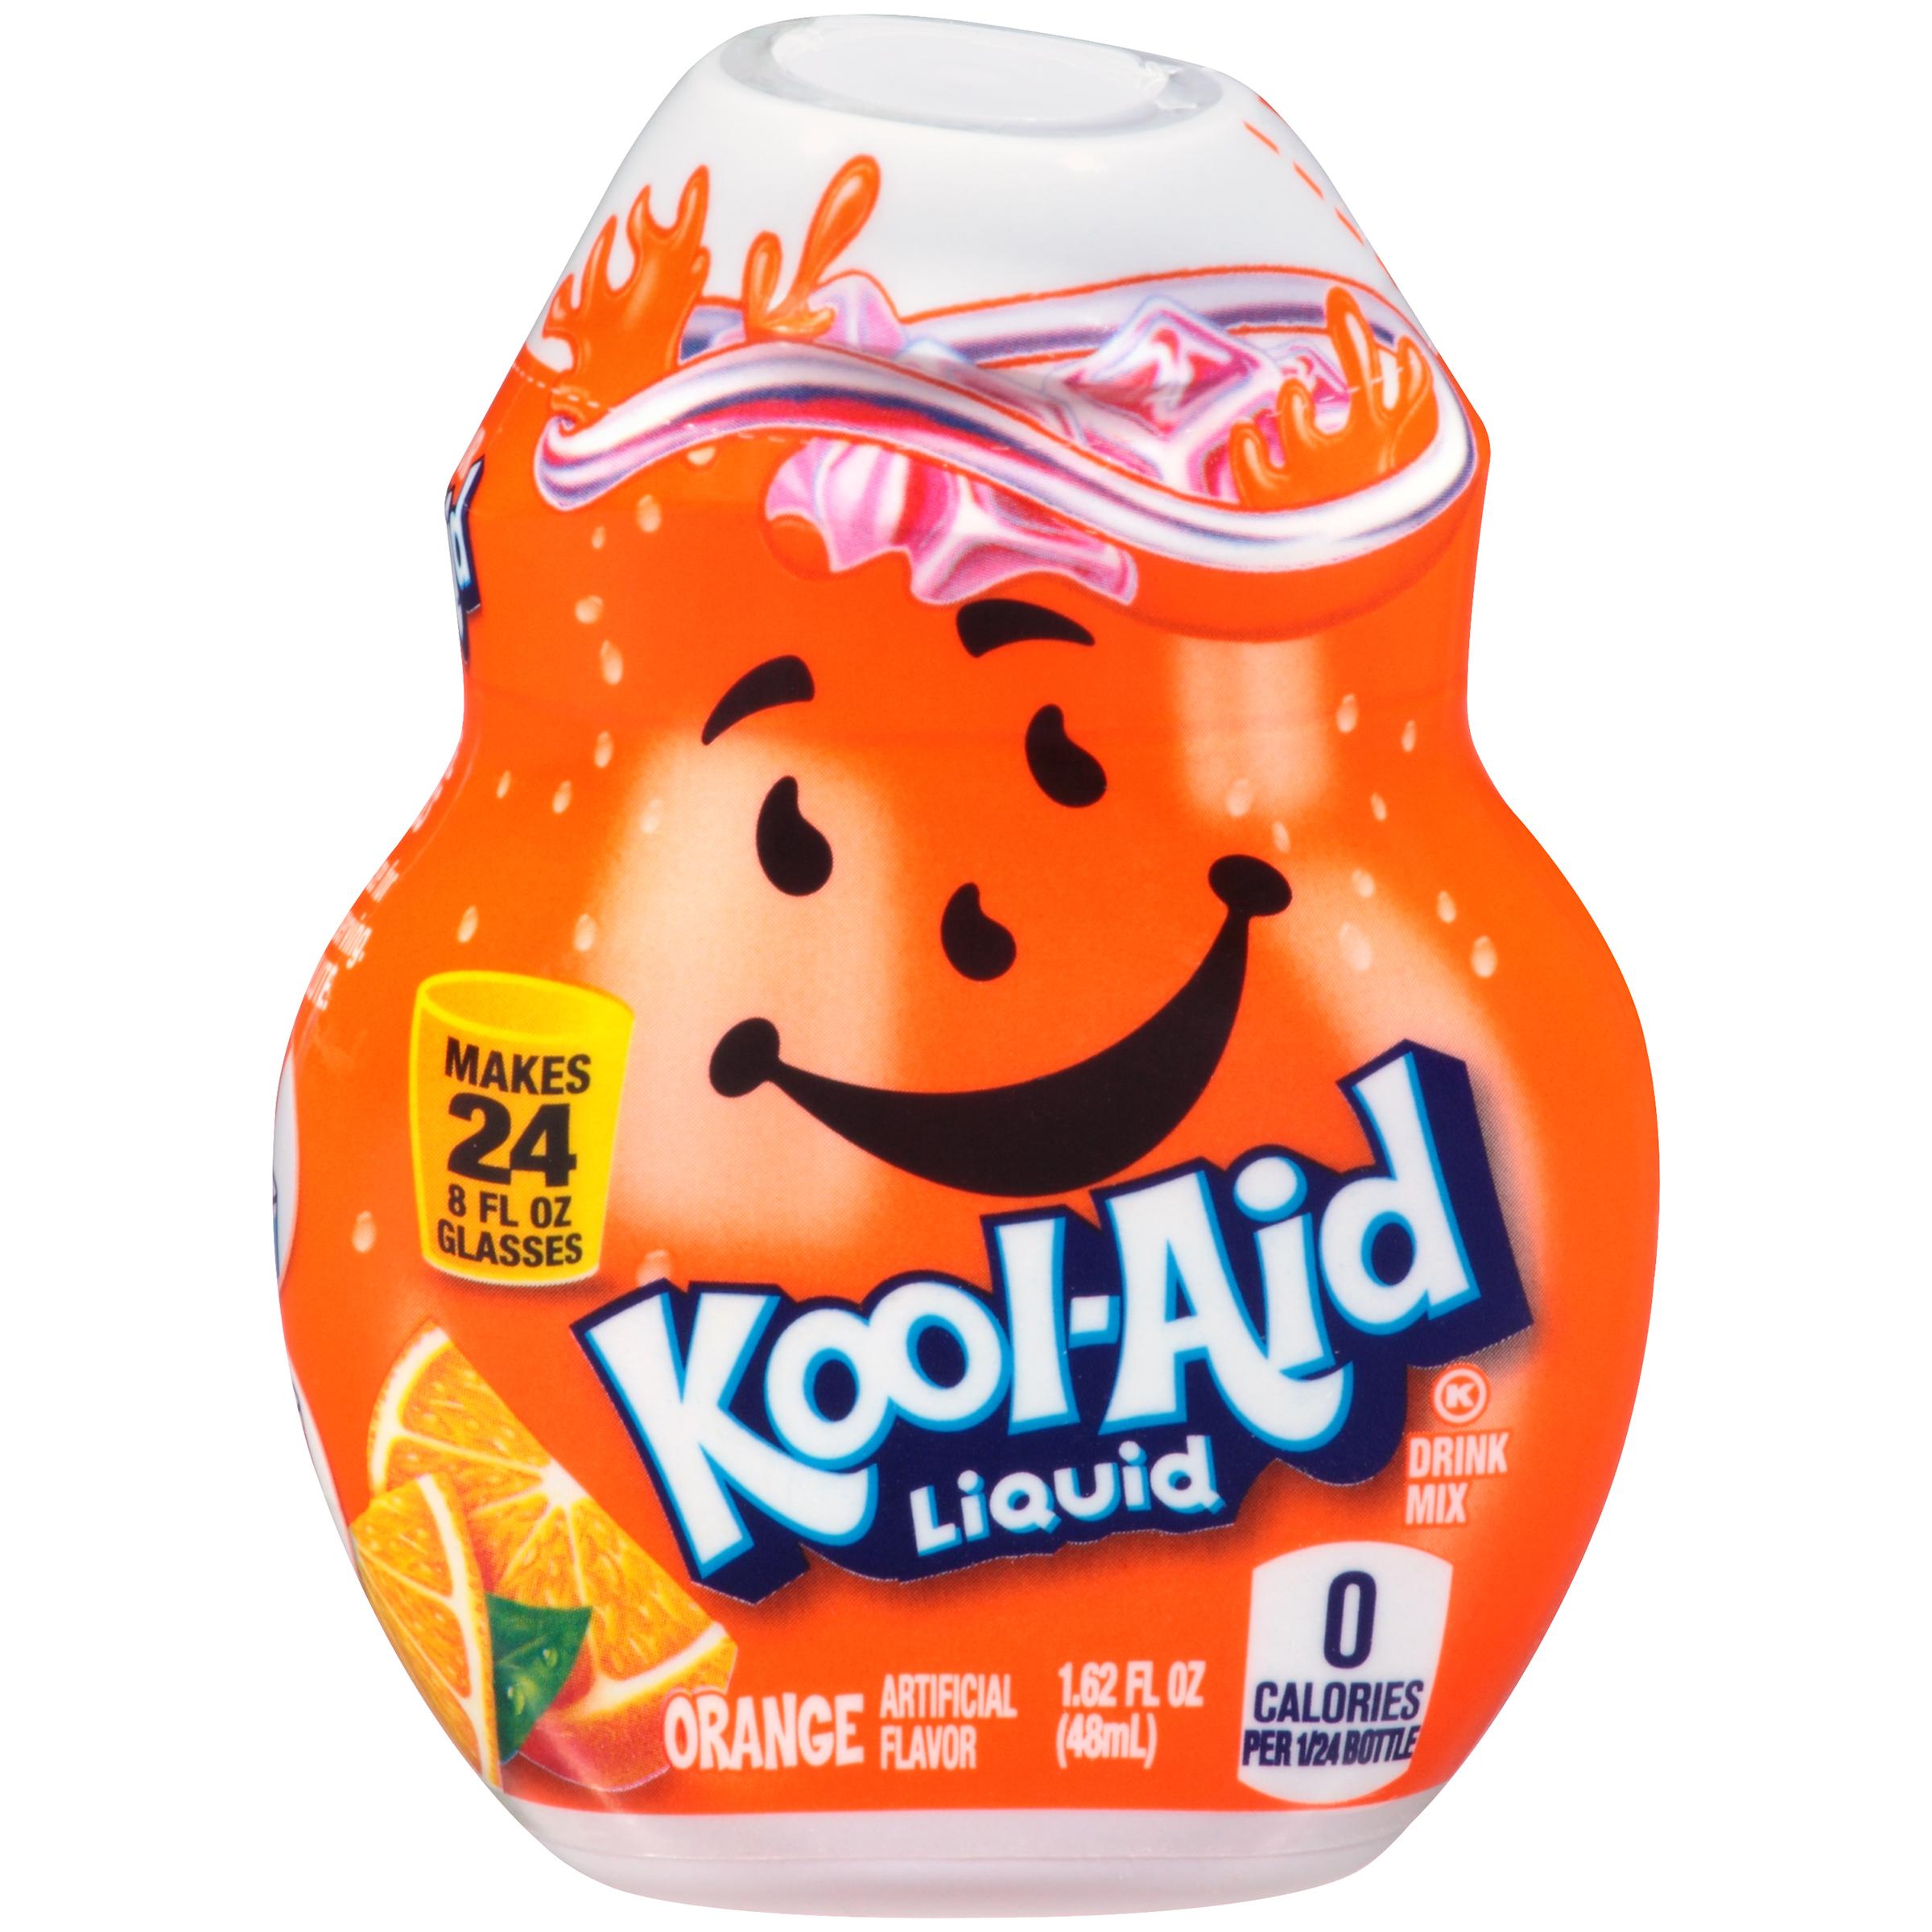 KOOL-AID Orange Liquid Drink Mix 1.62 fl oz Bottle image